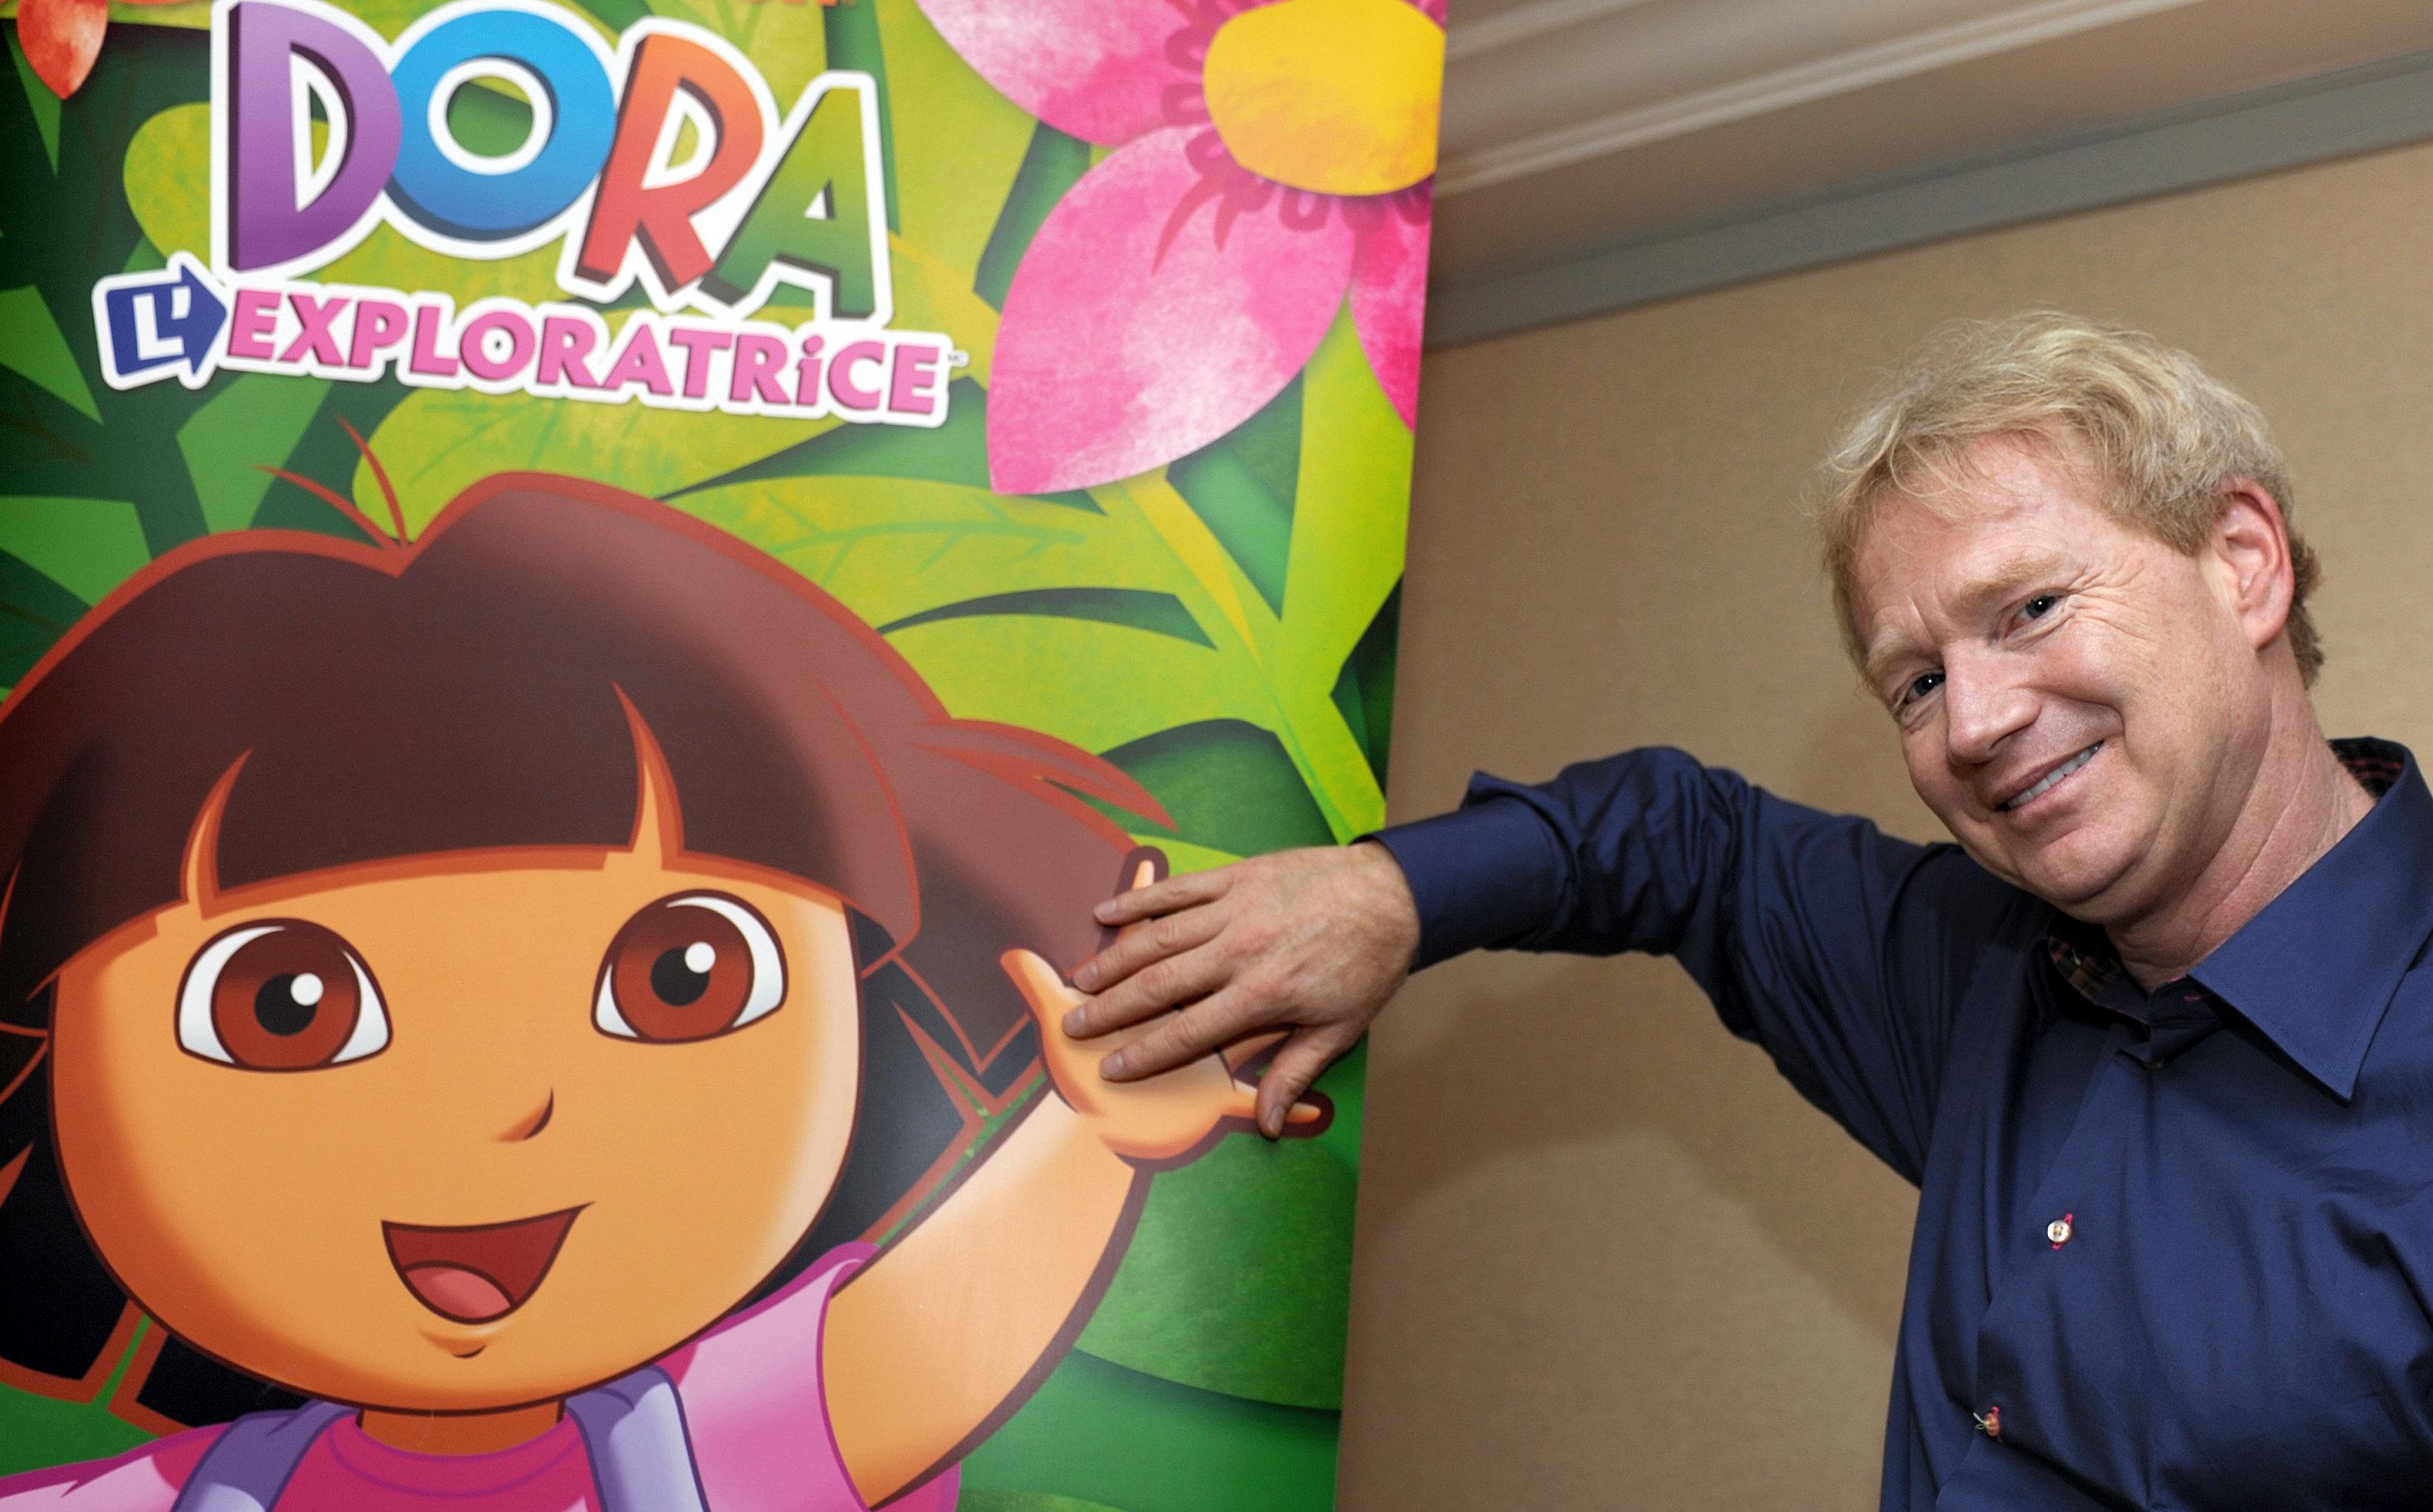 Dora l'exploratrice: On sait à quoi ressemblera l'héroïne dans le film de